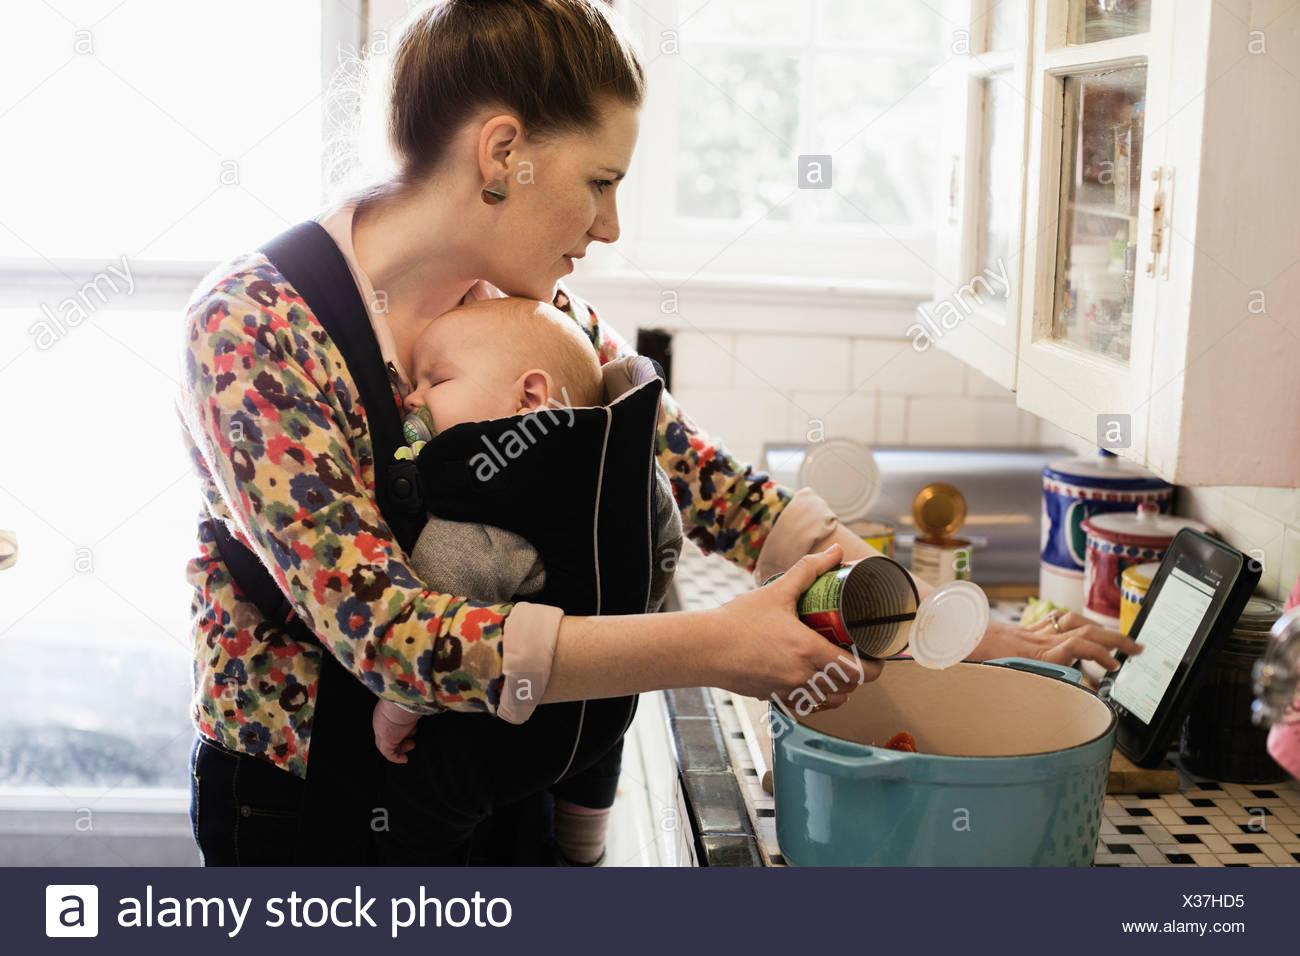 Mid adult mother with baby son écharpe dans la préparation des aliments dans la cuisine Photo Stock